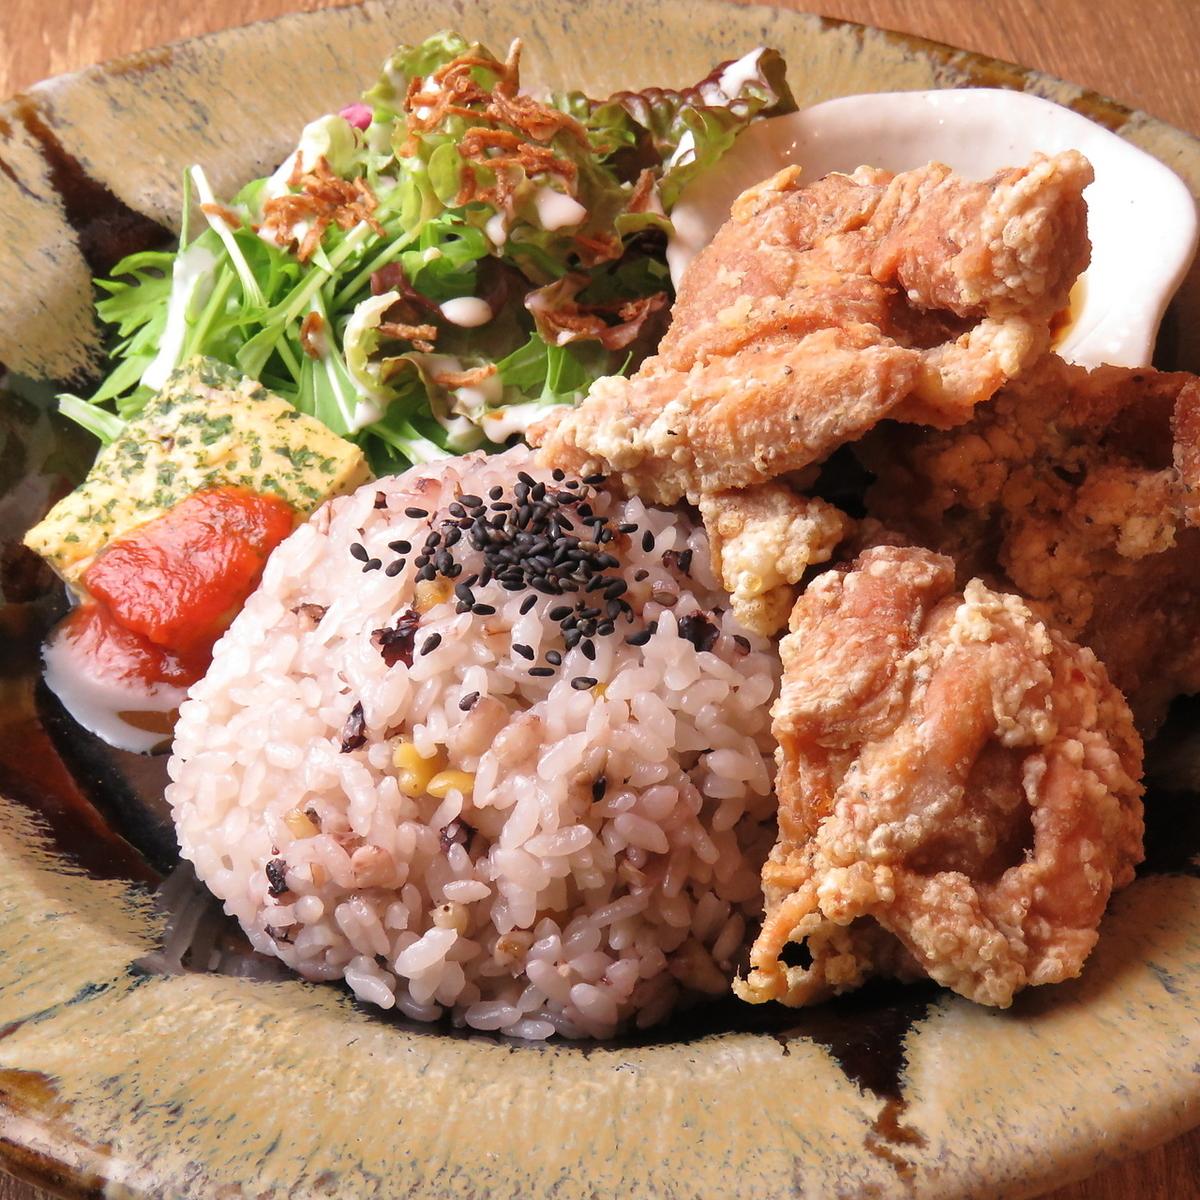 【명물! 닭고기 튀김 SET] (10 오곡 미 / 미니 샐러드 / 전채 / 세트 음료 / 작은 쉬폰 케이크)